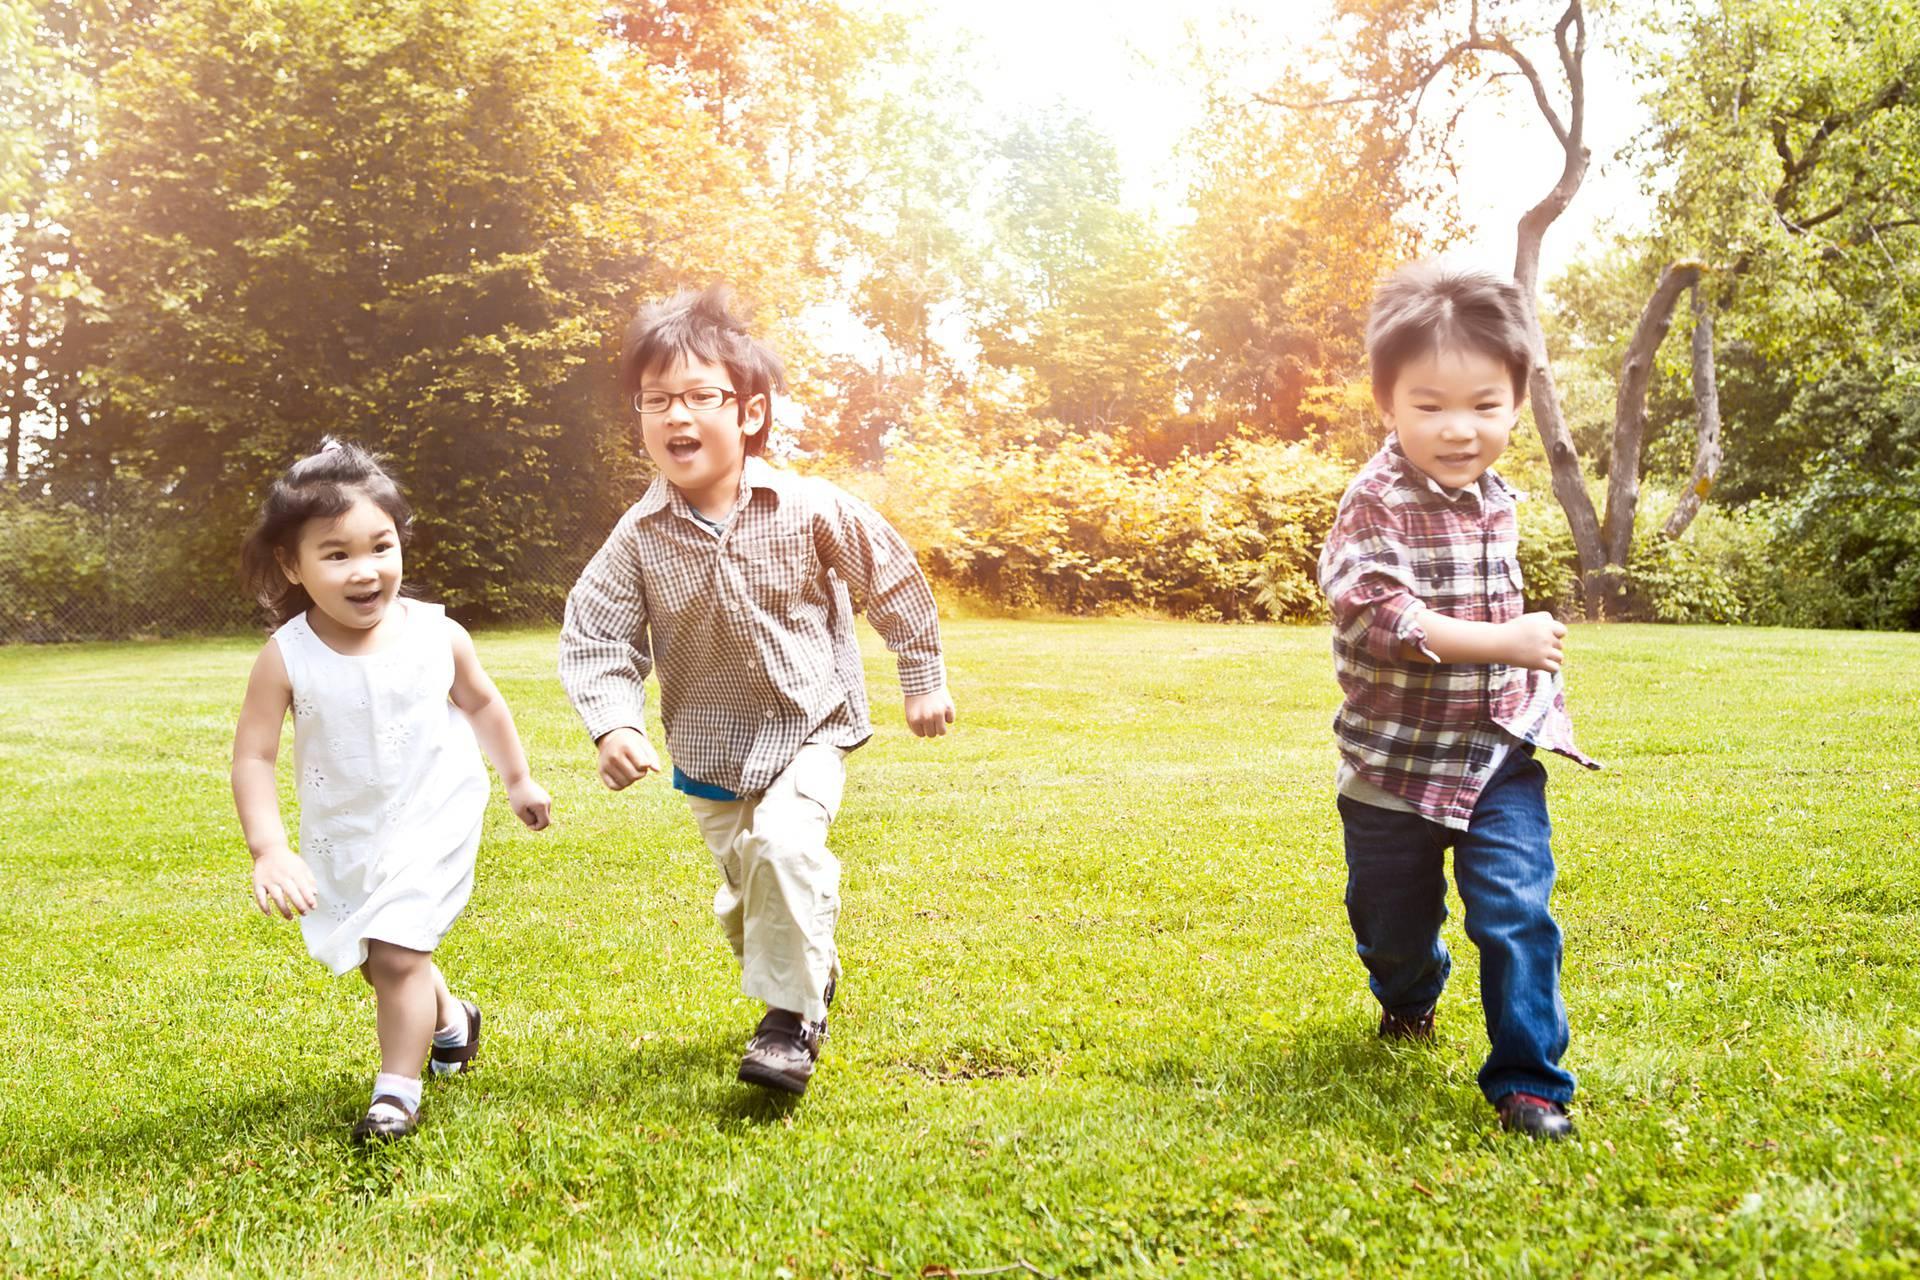 Azijska djeca među zdravijima u svijetu, postoje dobri razlozi